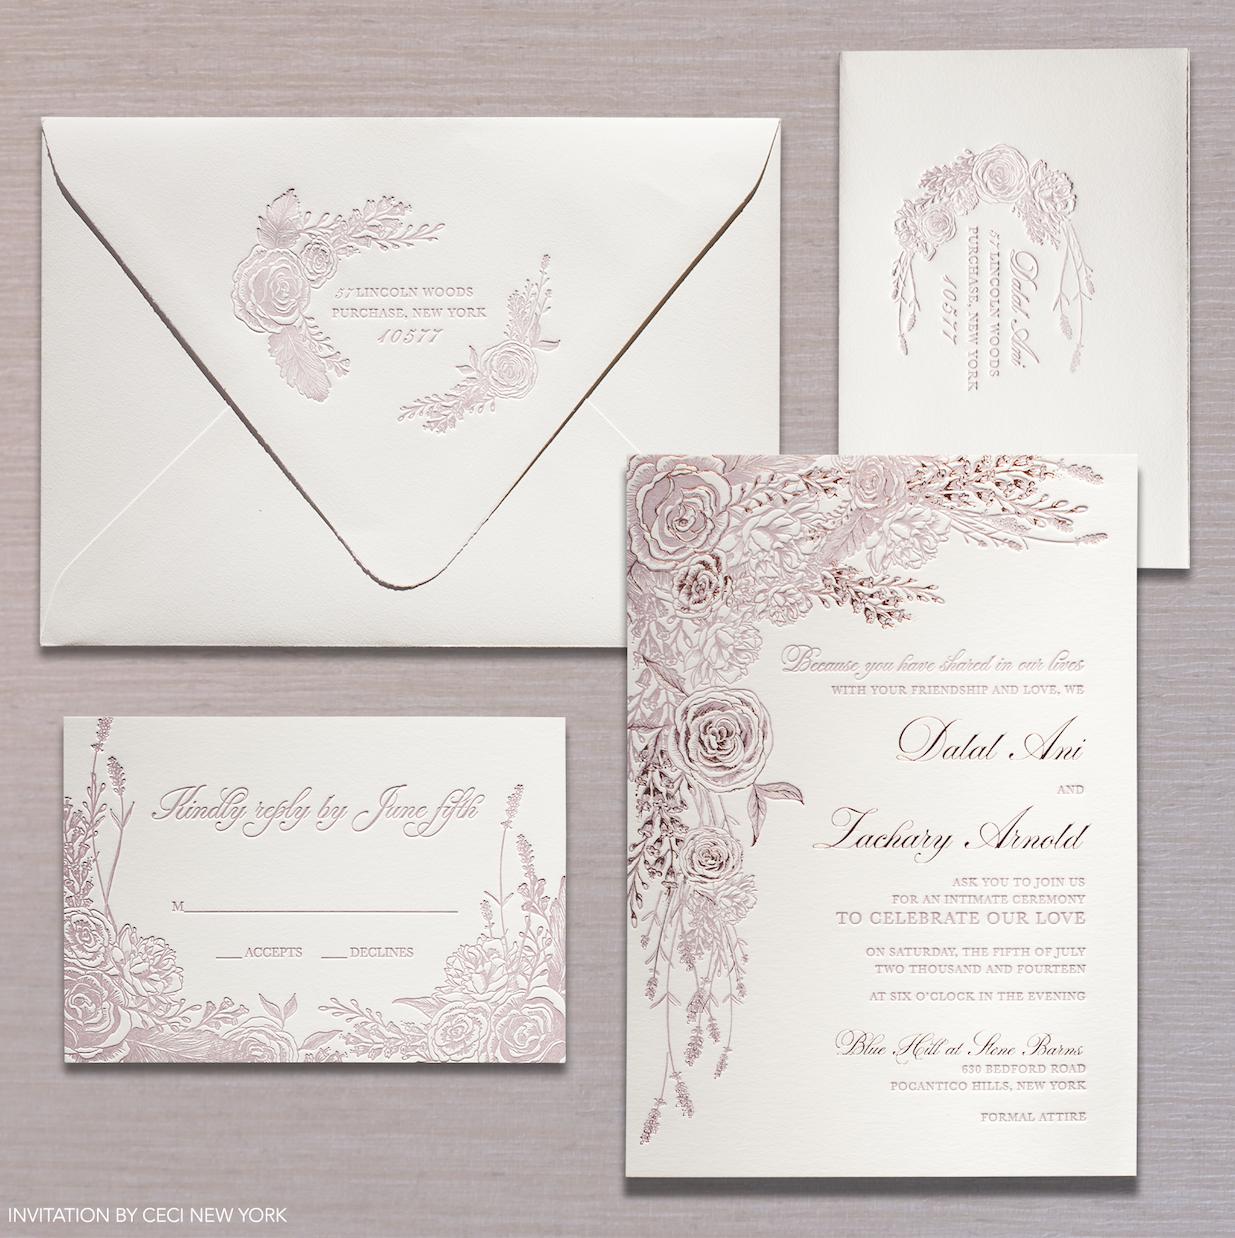 Ceci_New_York_Bride_Wedding_Blue_Hill_Invite.png